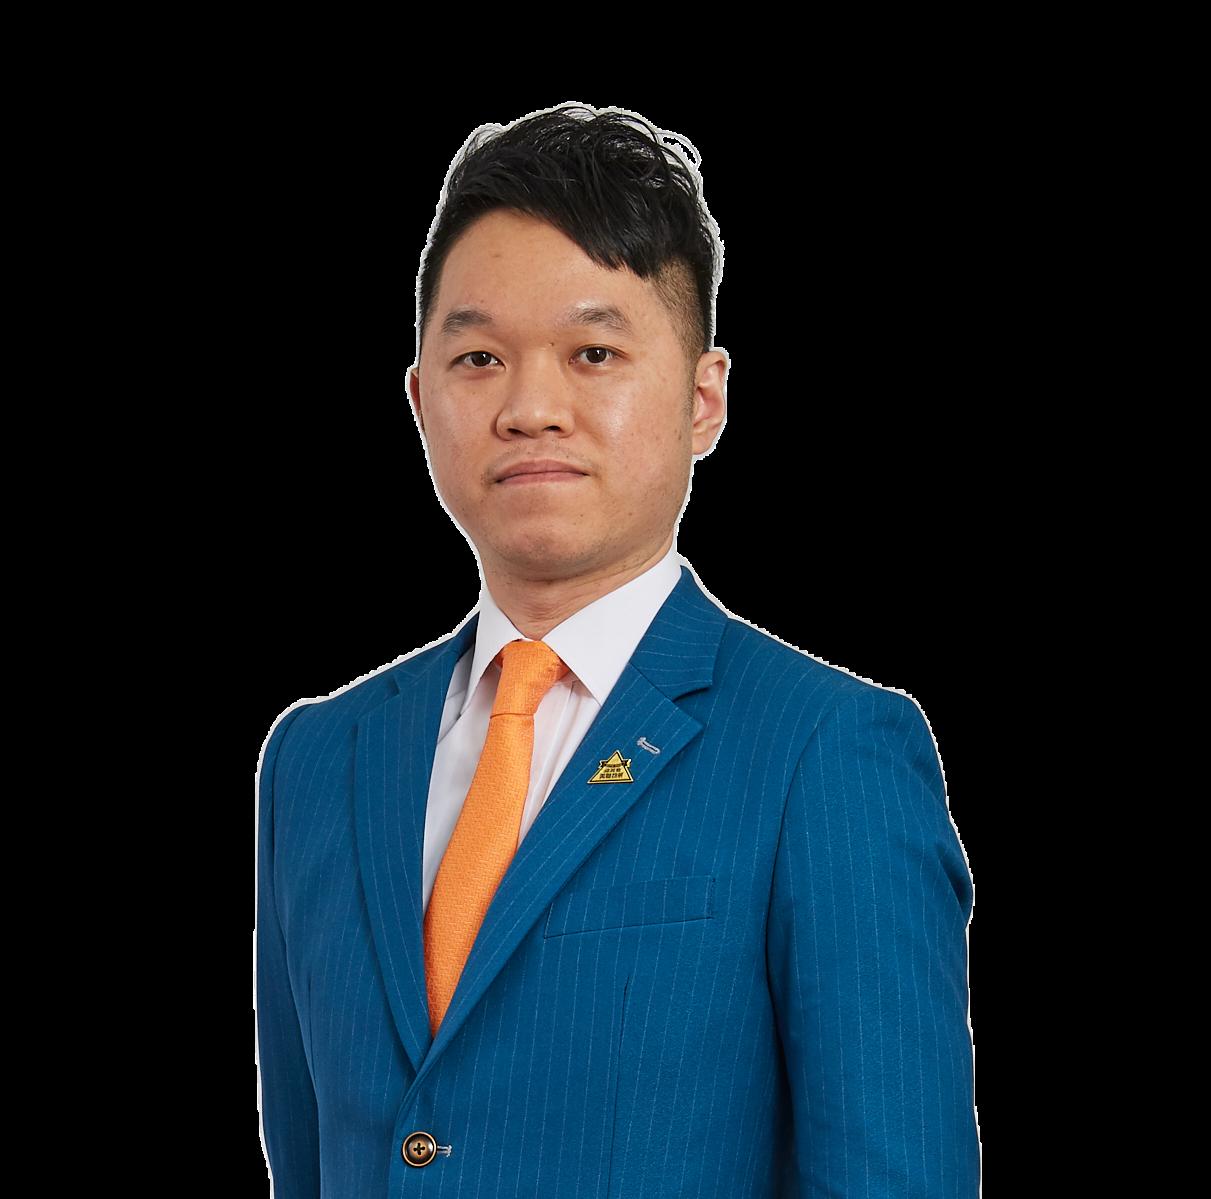 黄启康 Sam Wong